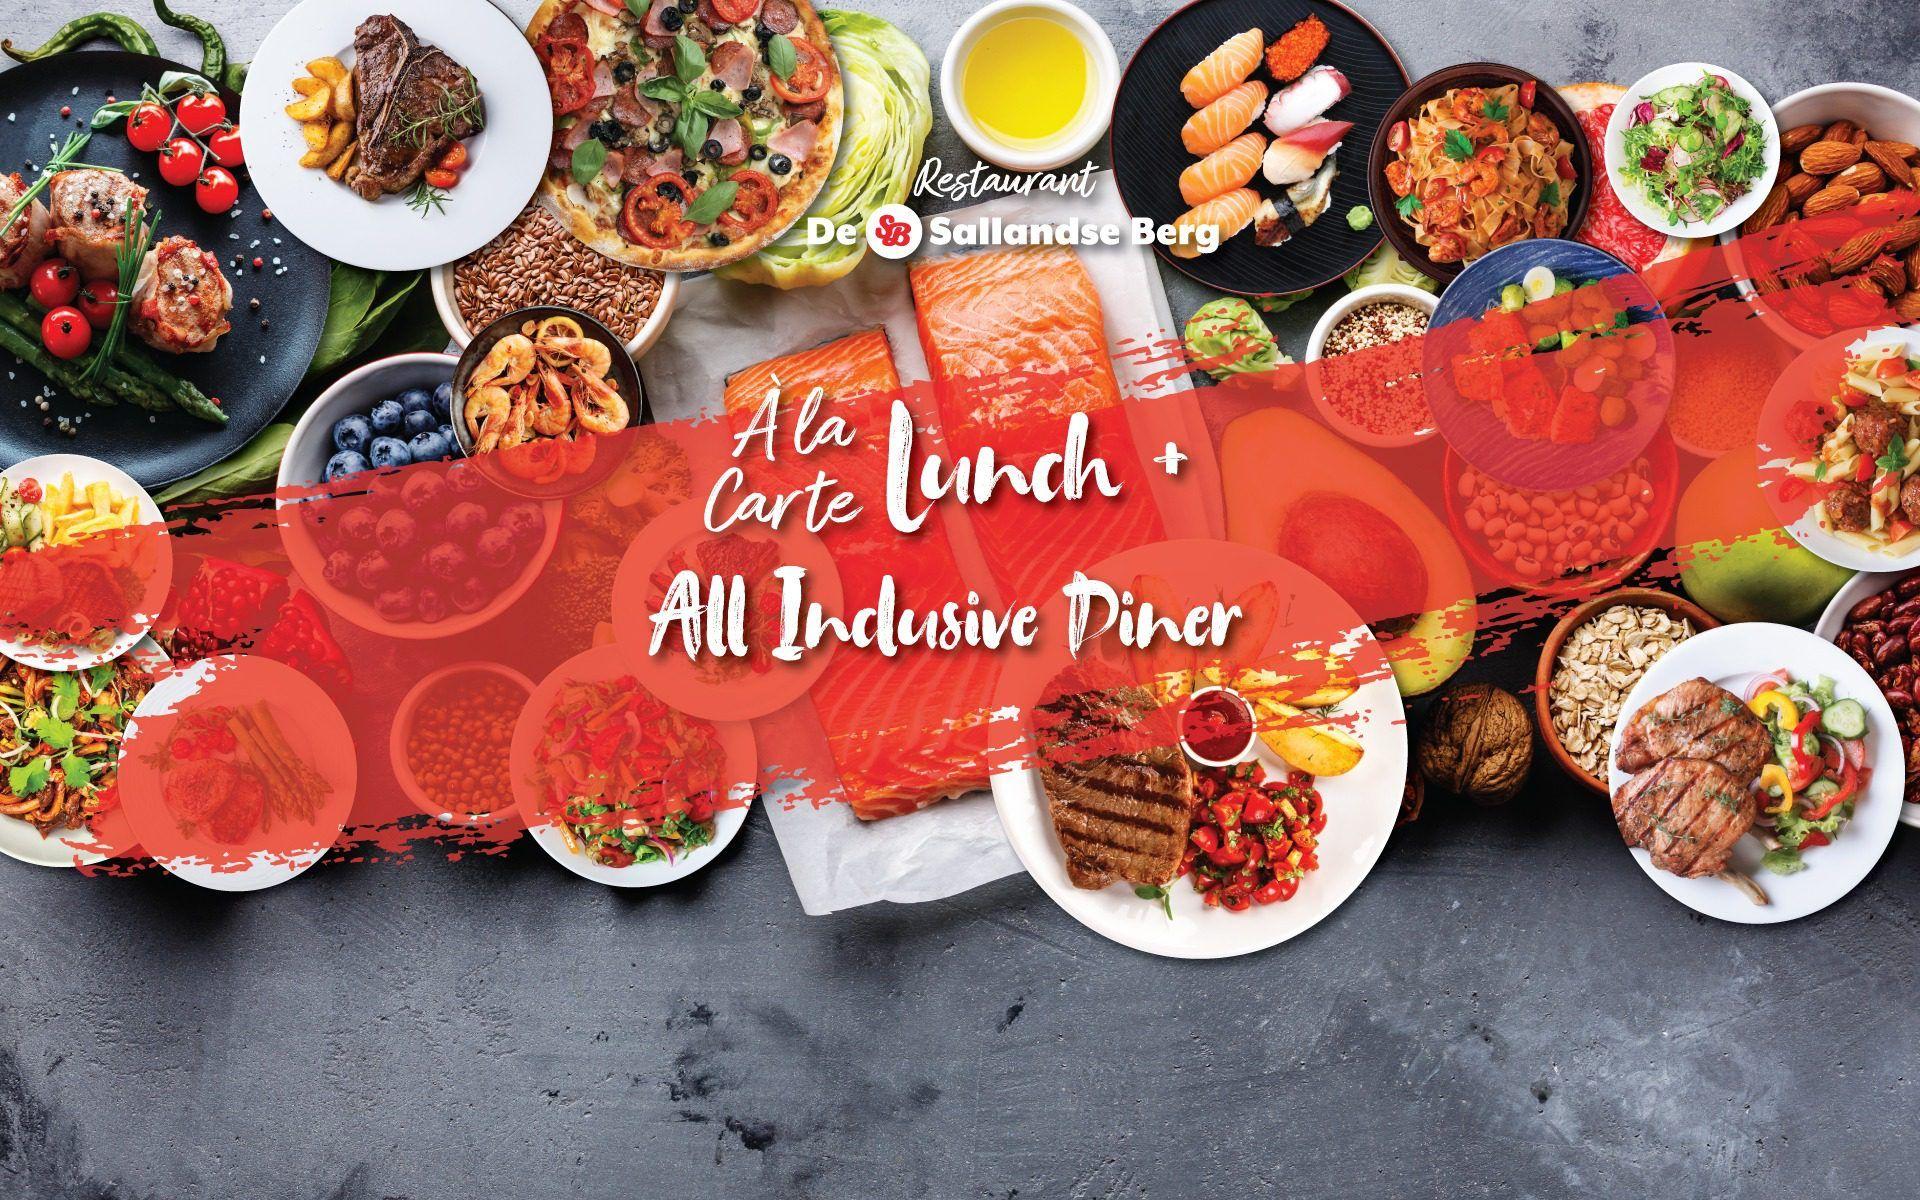 Lunch Diner All Inclusive De Sallandse Berg